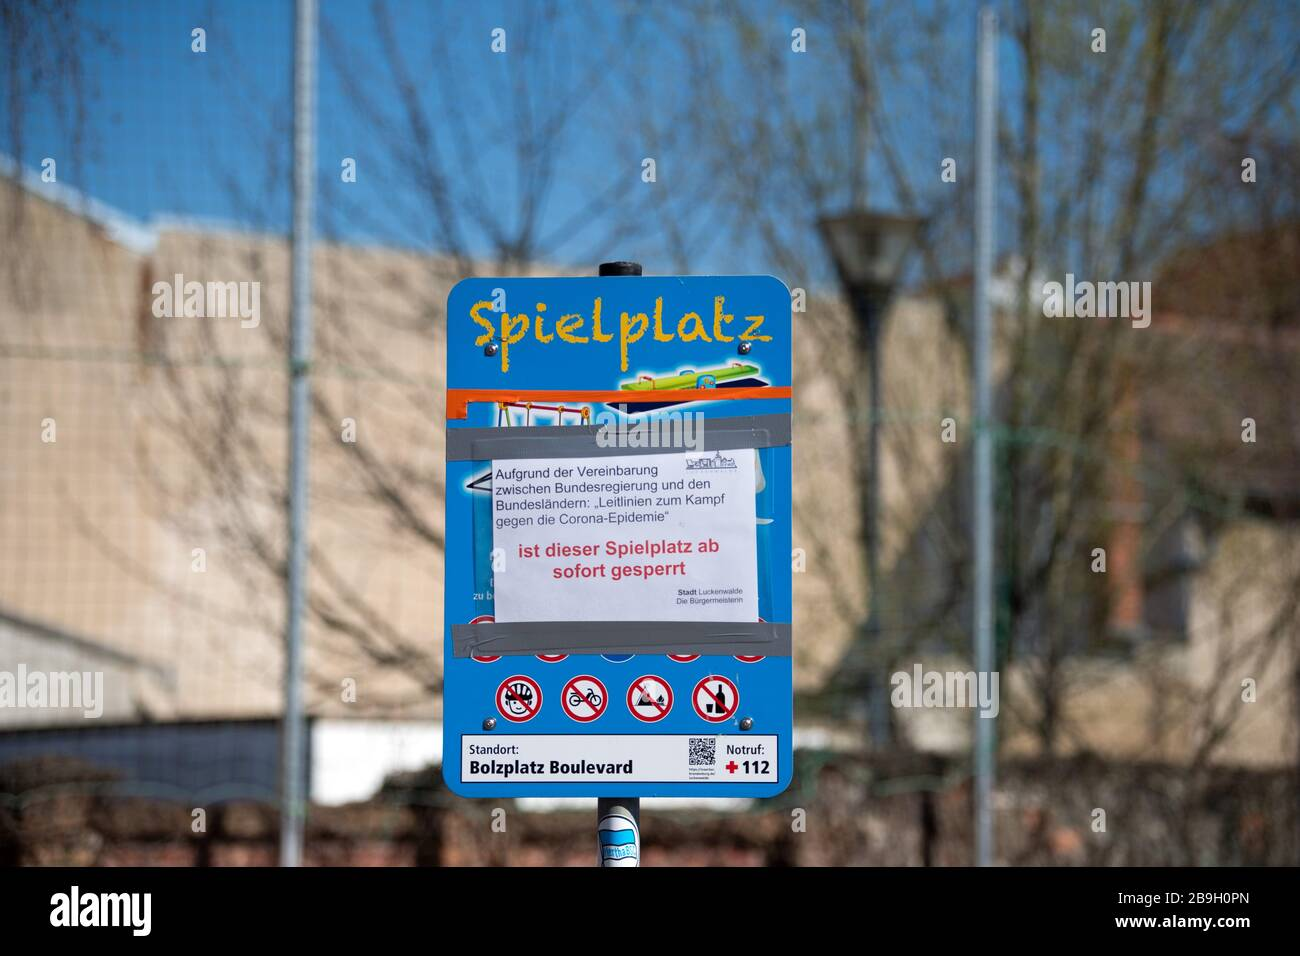 Luckenwalde, Alemania. 24 de marzo de 2020. En un cartel junto a una cancha de voleibol, hay un aviso que indica que el patio de juegos está cerrado debido a la pandemia de Corona. La ciudad quiere imponer la prohibición a las multitudes en parques y áreas públicas, marcándolas con cinta de barrera. Crédito: Soeren Stache/dpa-Zentralbild/dpa/Alamy Live News Foto de stock